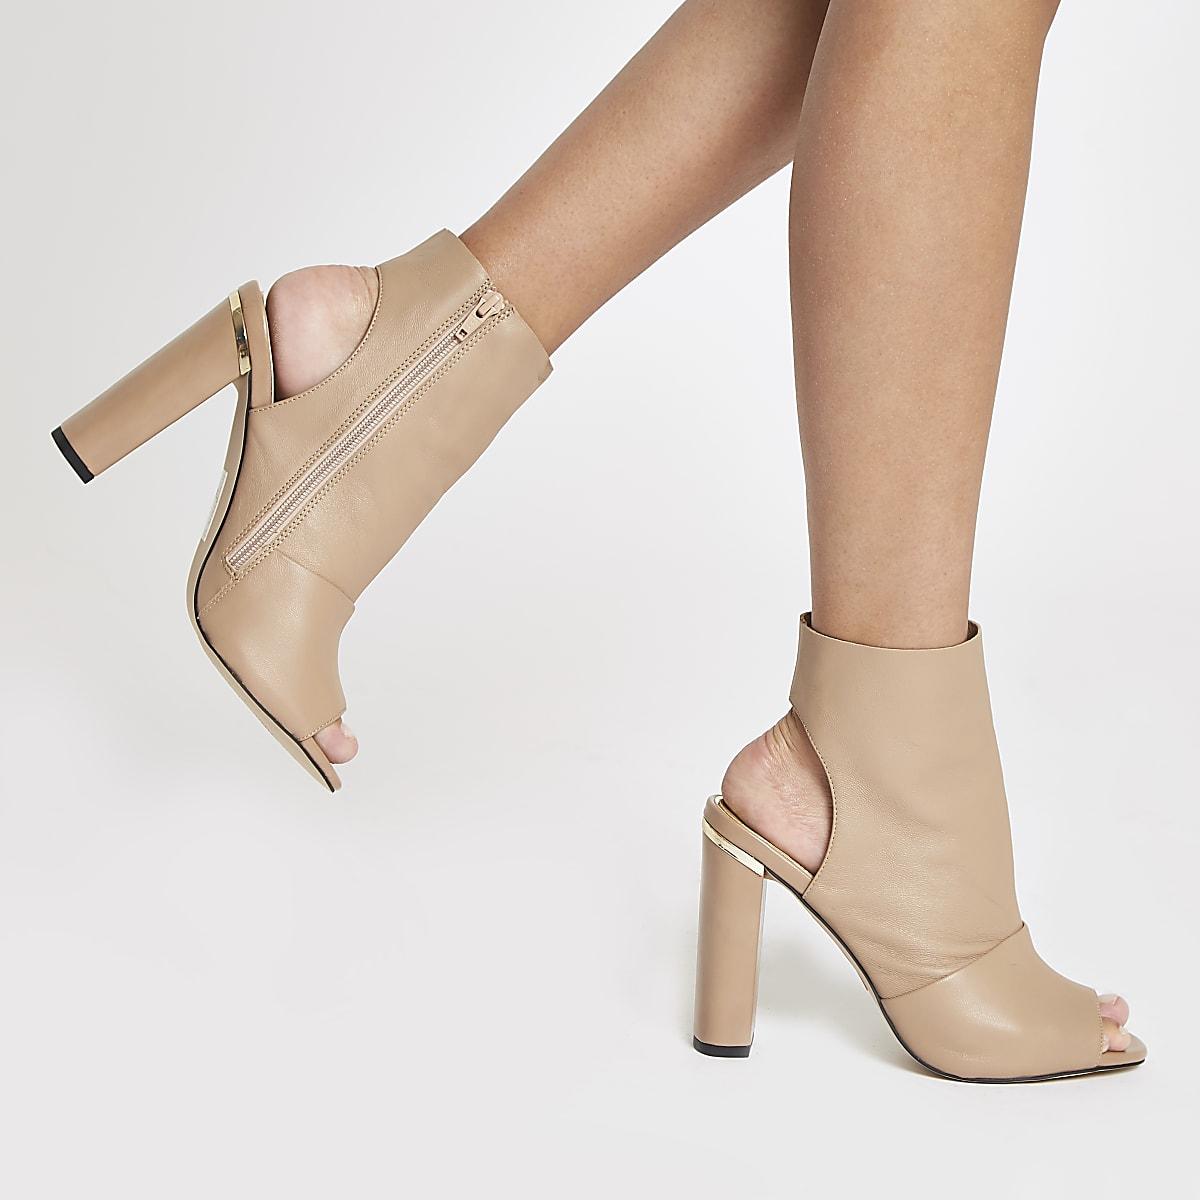 37cf8122259 Bottines ouvertes en cuir rose clair - Bottes - Chaussures   Bottes ...